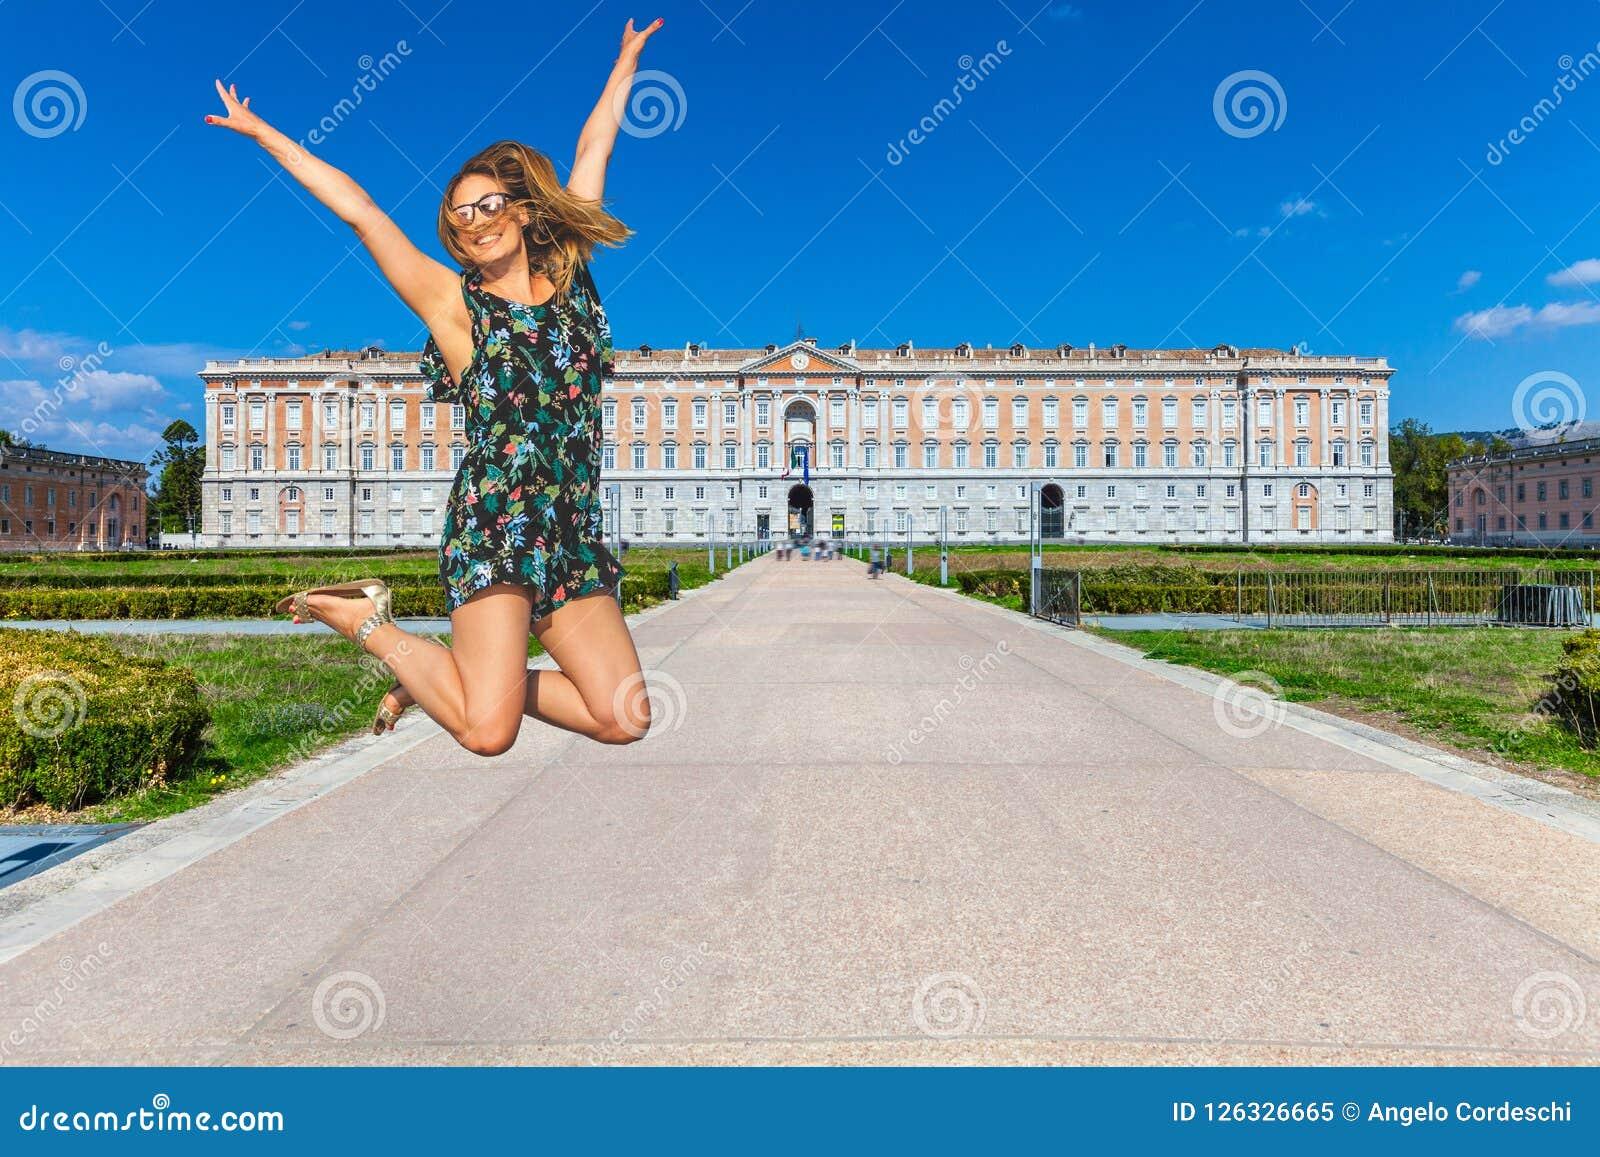 Kobiety doskakiwanie z szczęściem z rękami w górę Pałac królewski Caserta w Włochy italy navona piazza Rome podróż